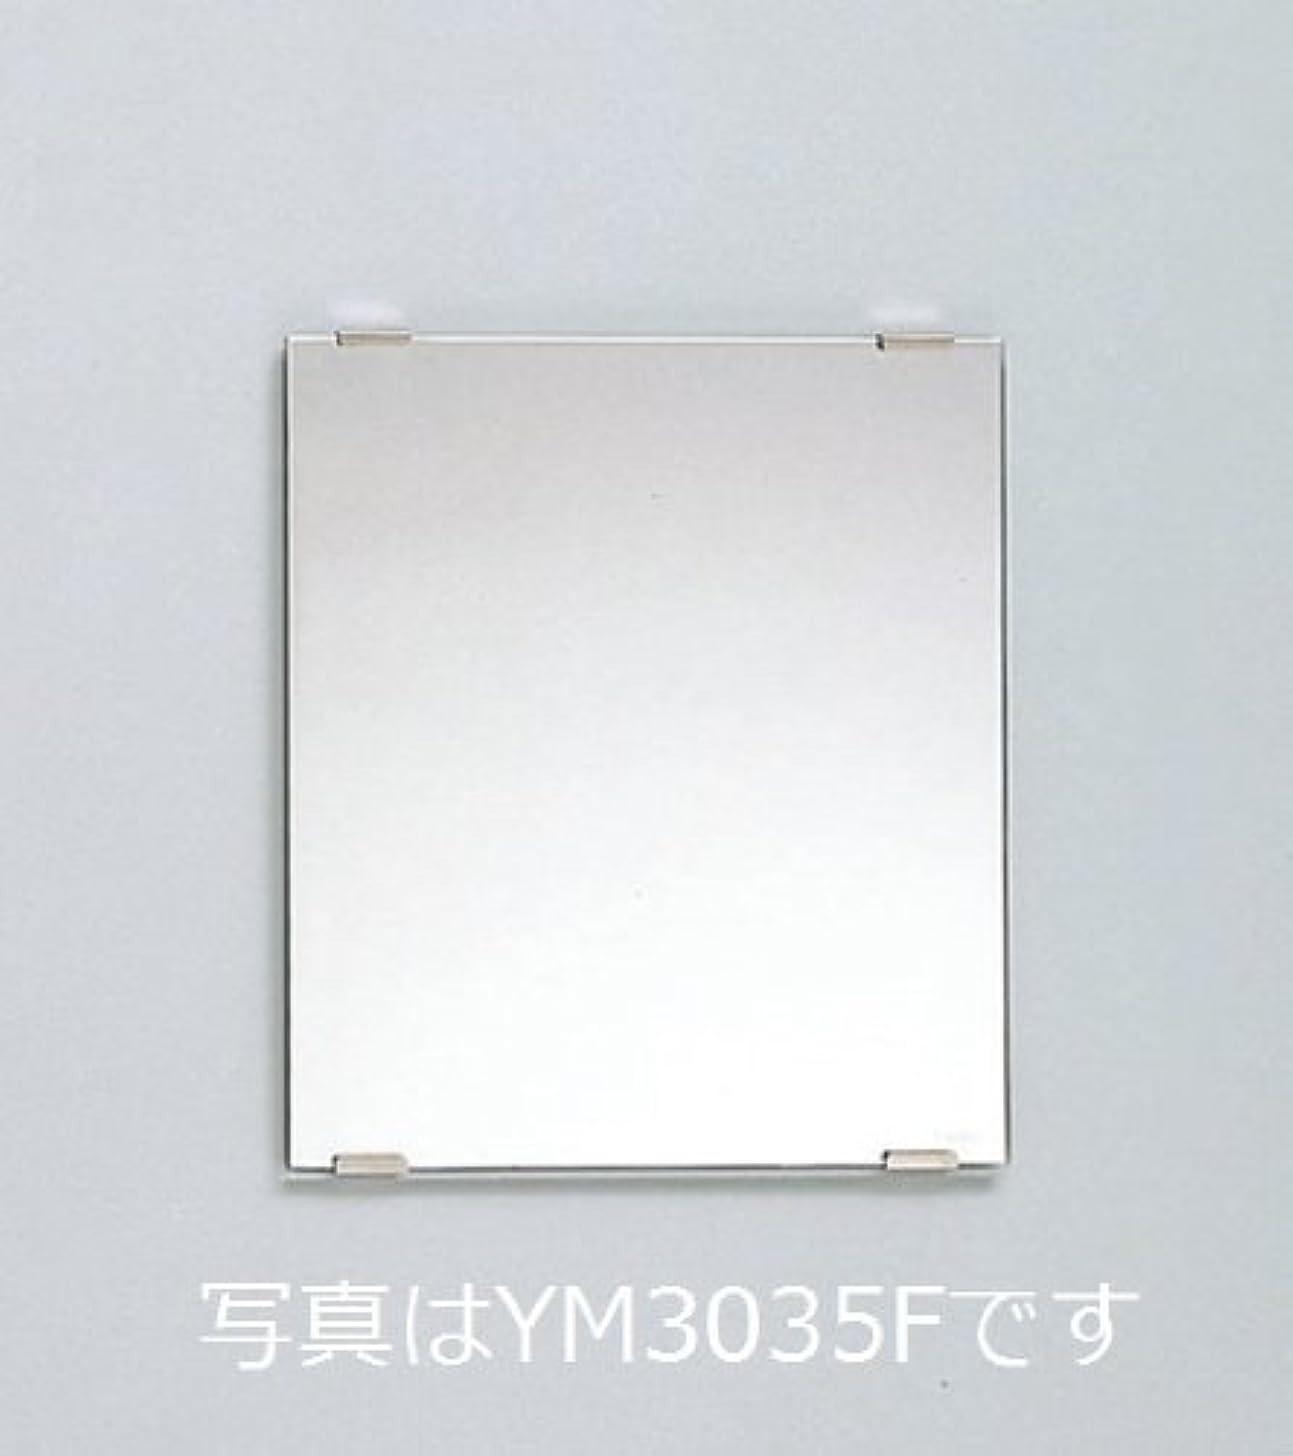 その他無投資TOTO 化粧鏡 YM3560F 耐食鏡 角型 350×600(mm)